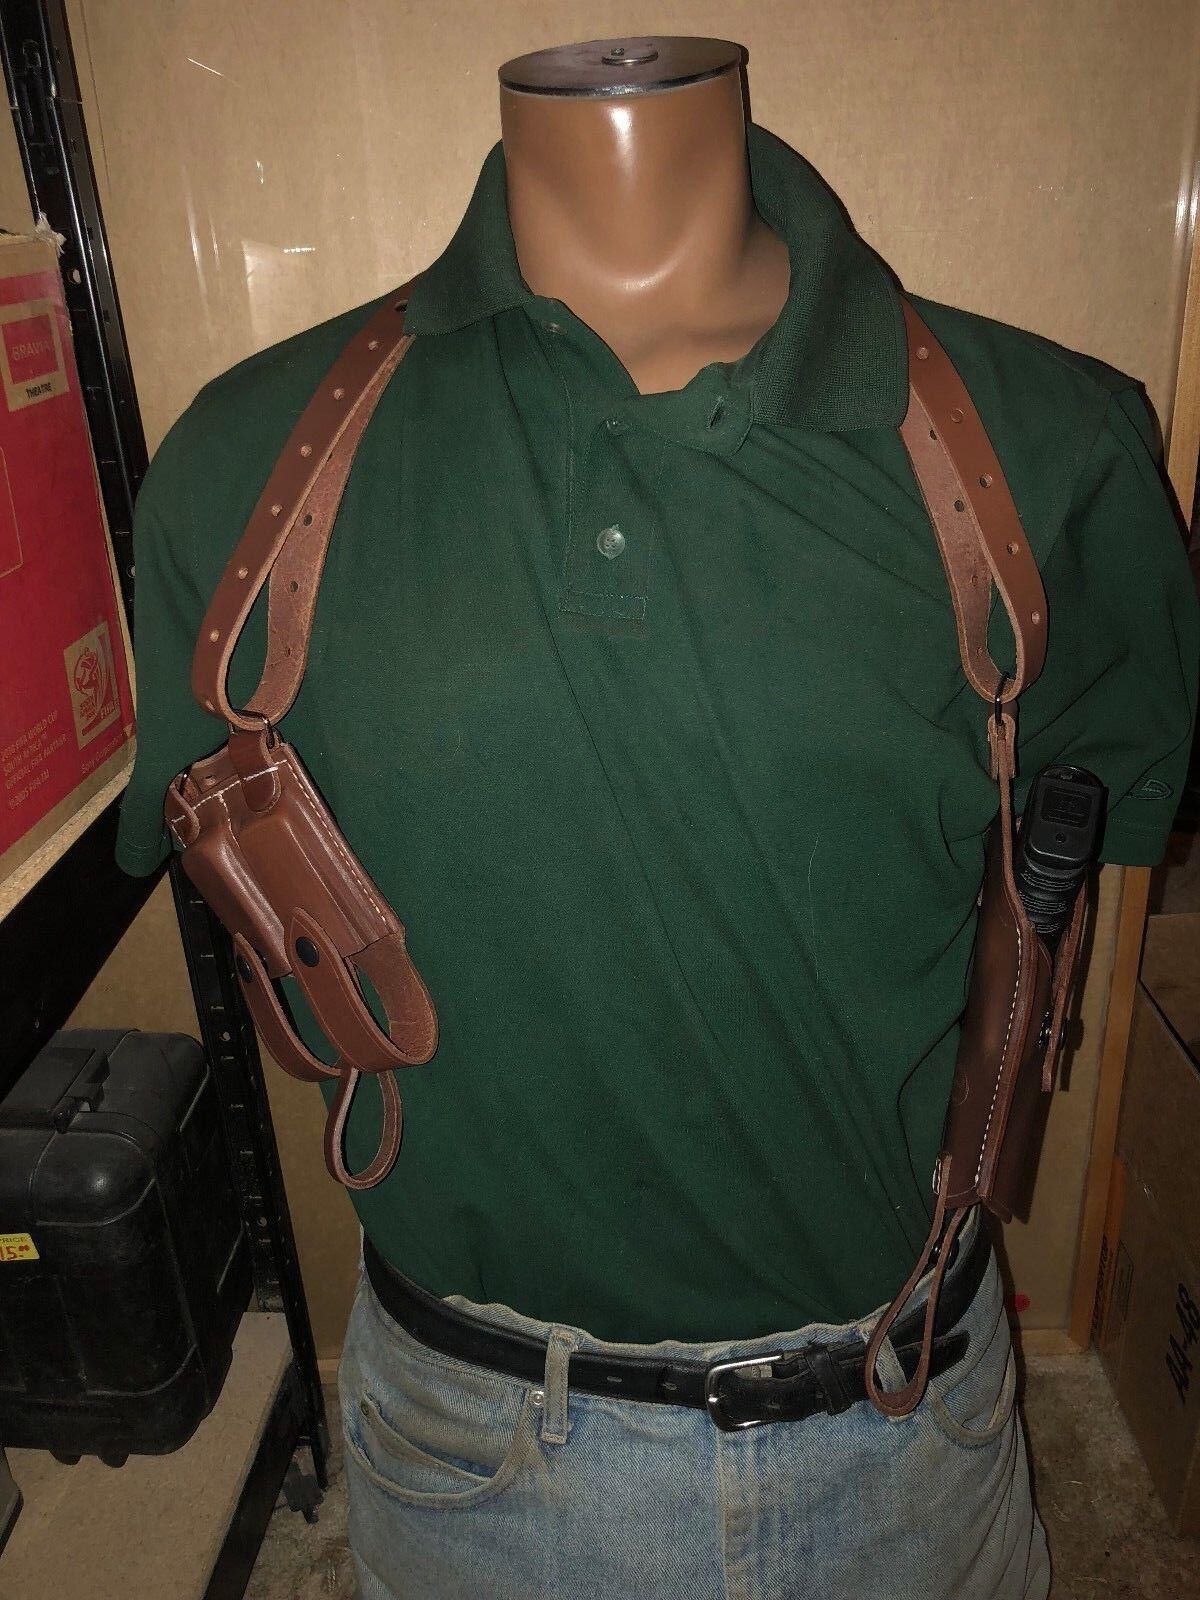 Funda de hombro piel curtida y 2 revista bolsa verdeical se ajusta Glock 19 & 23